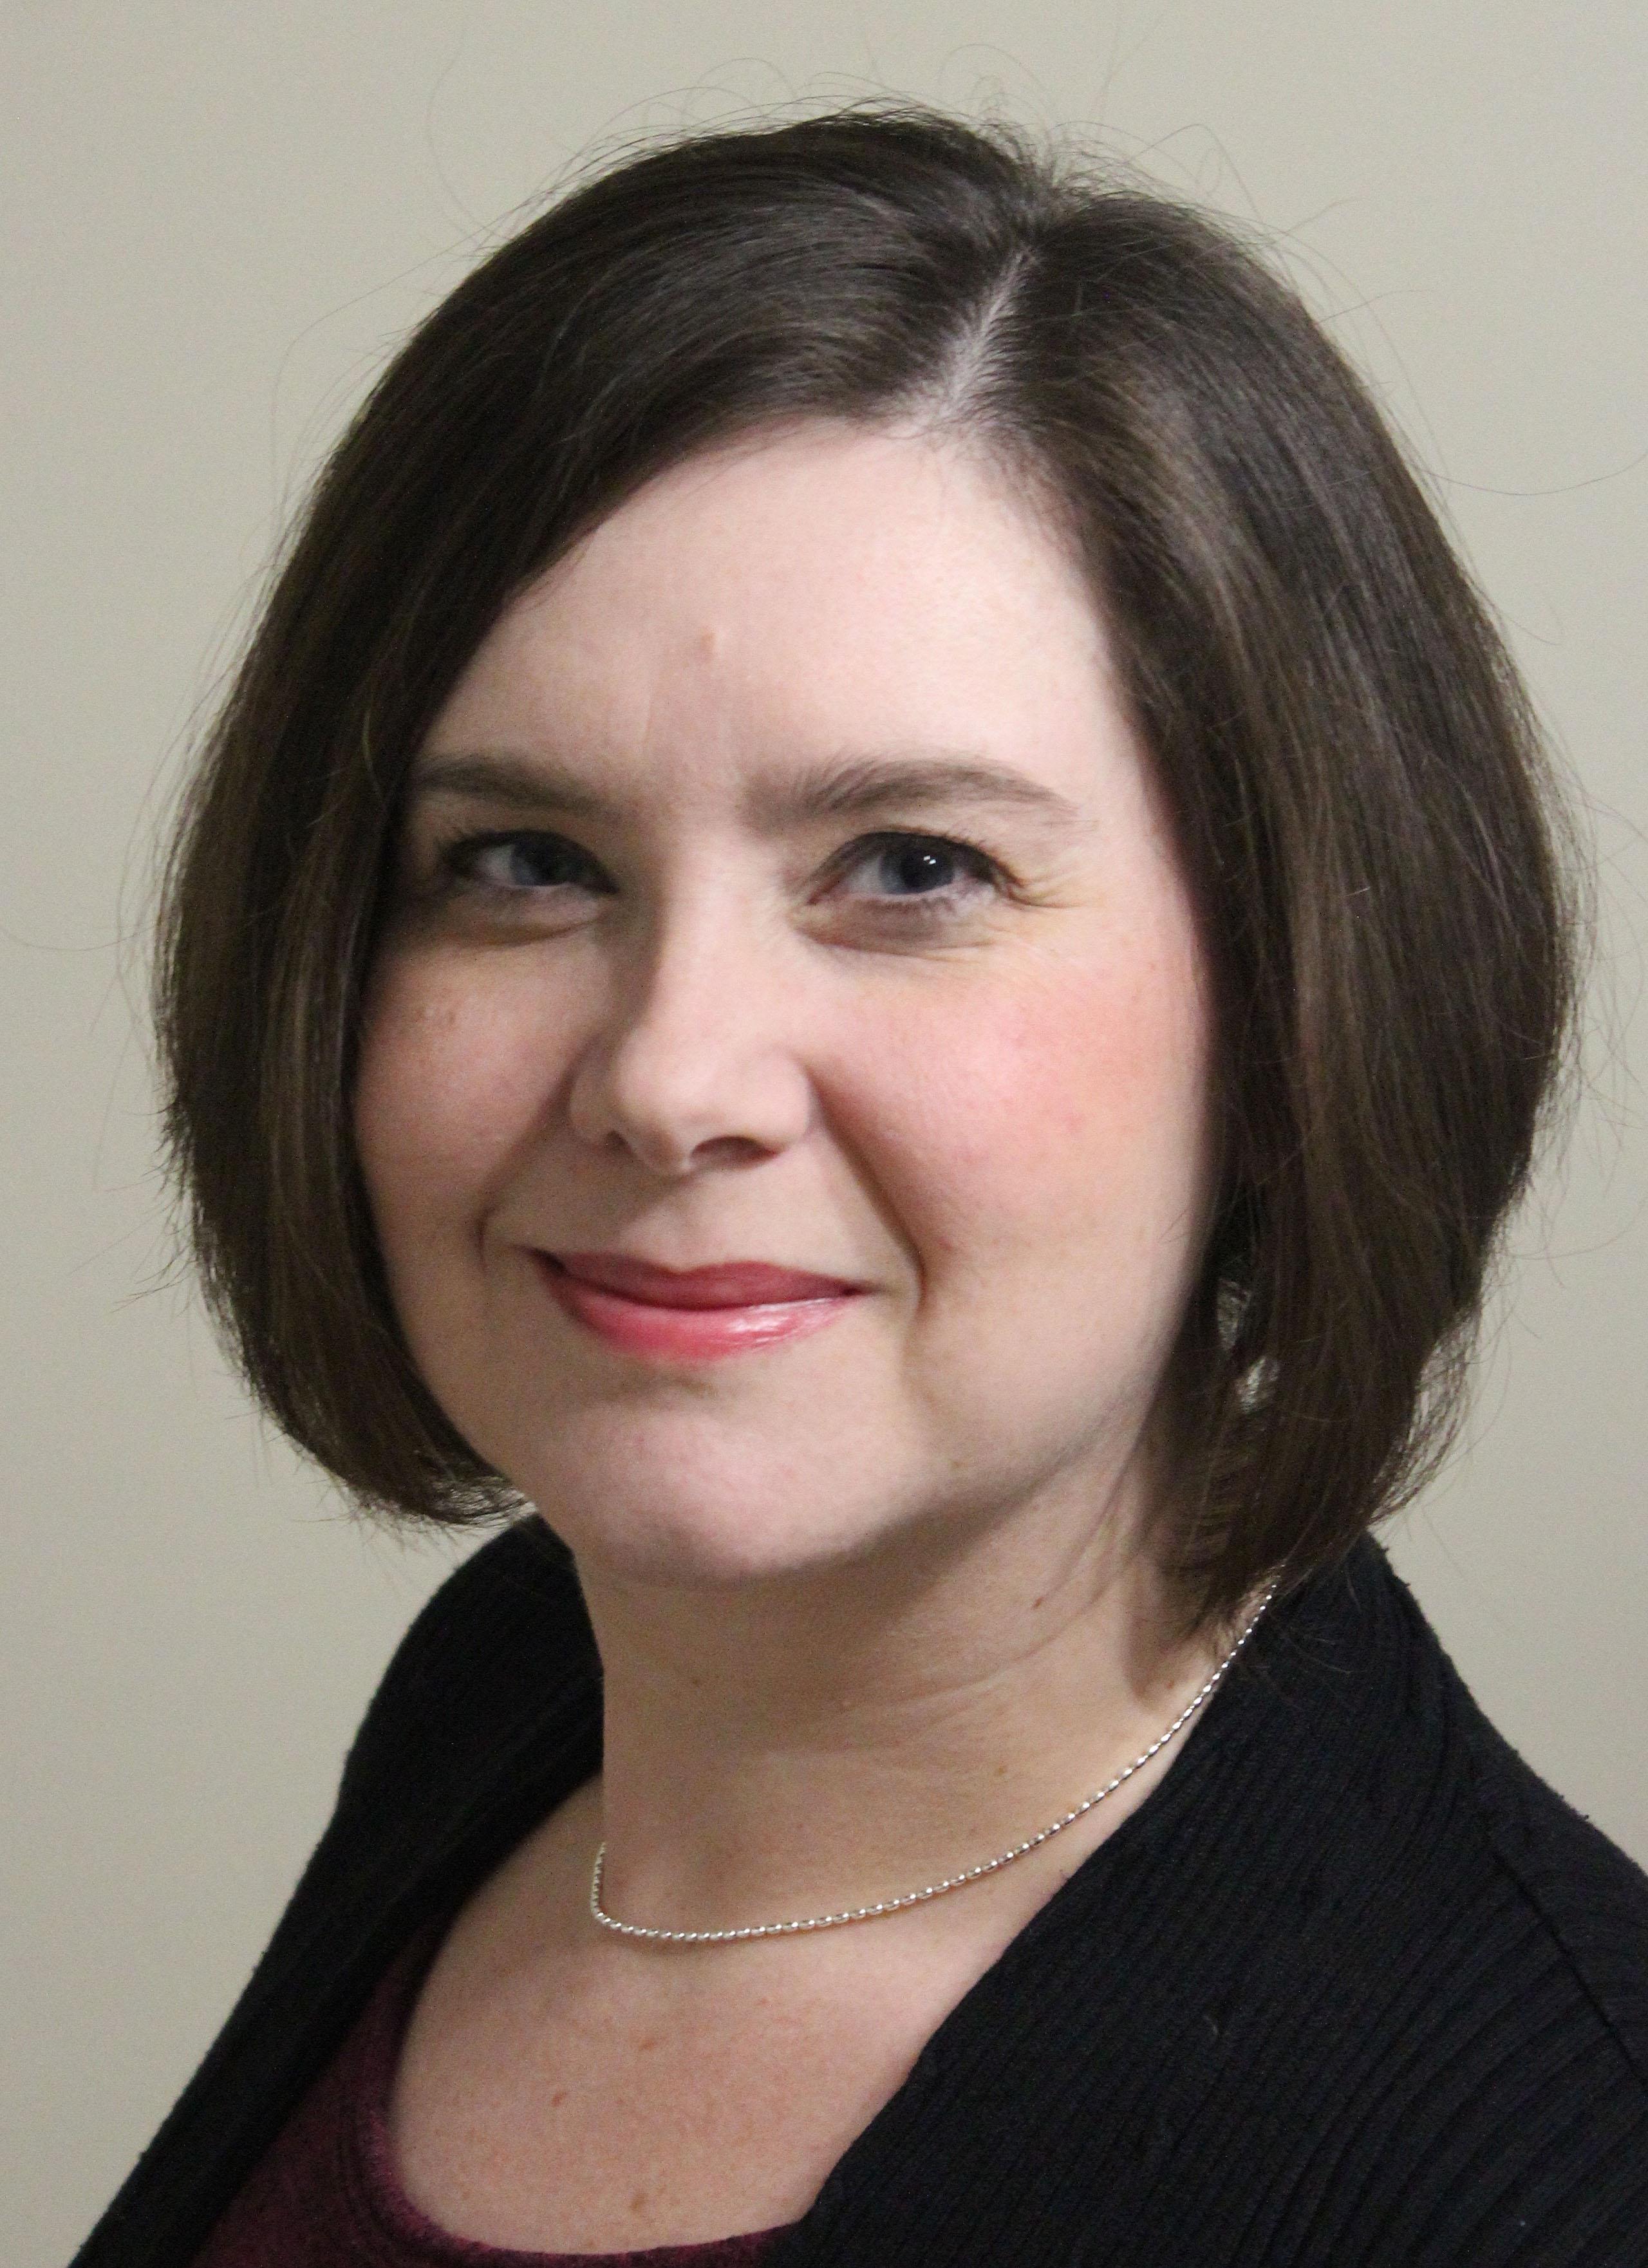 Rachel Keys